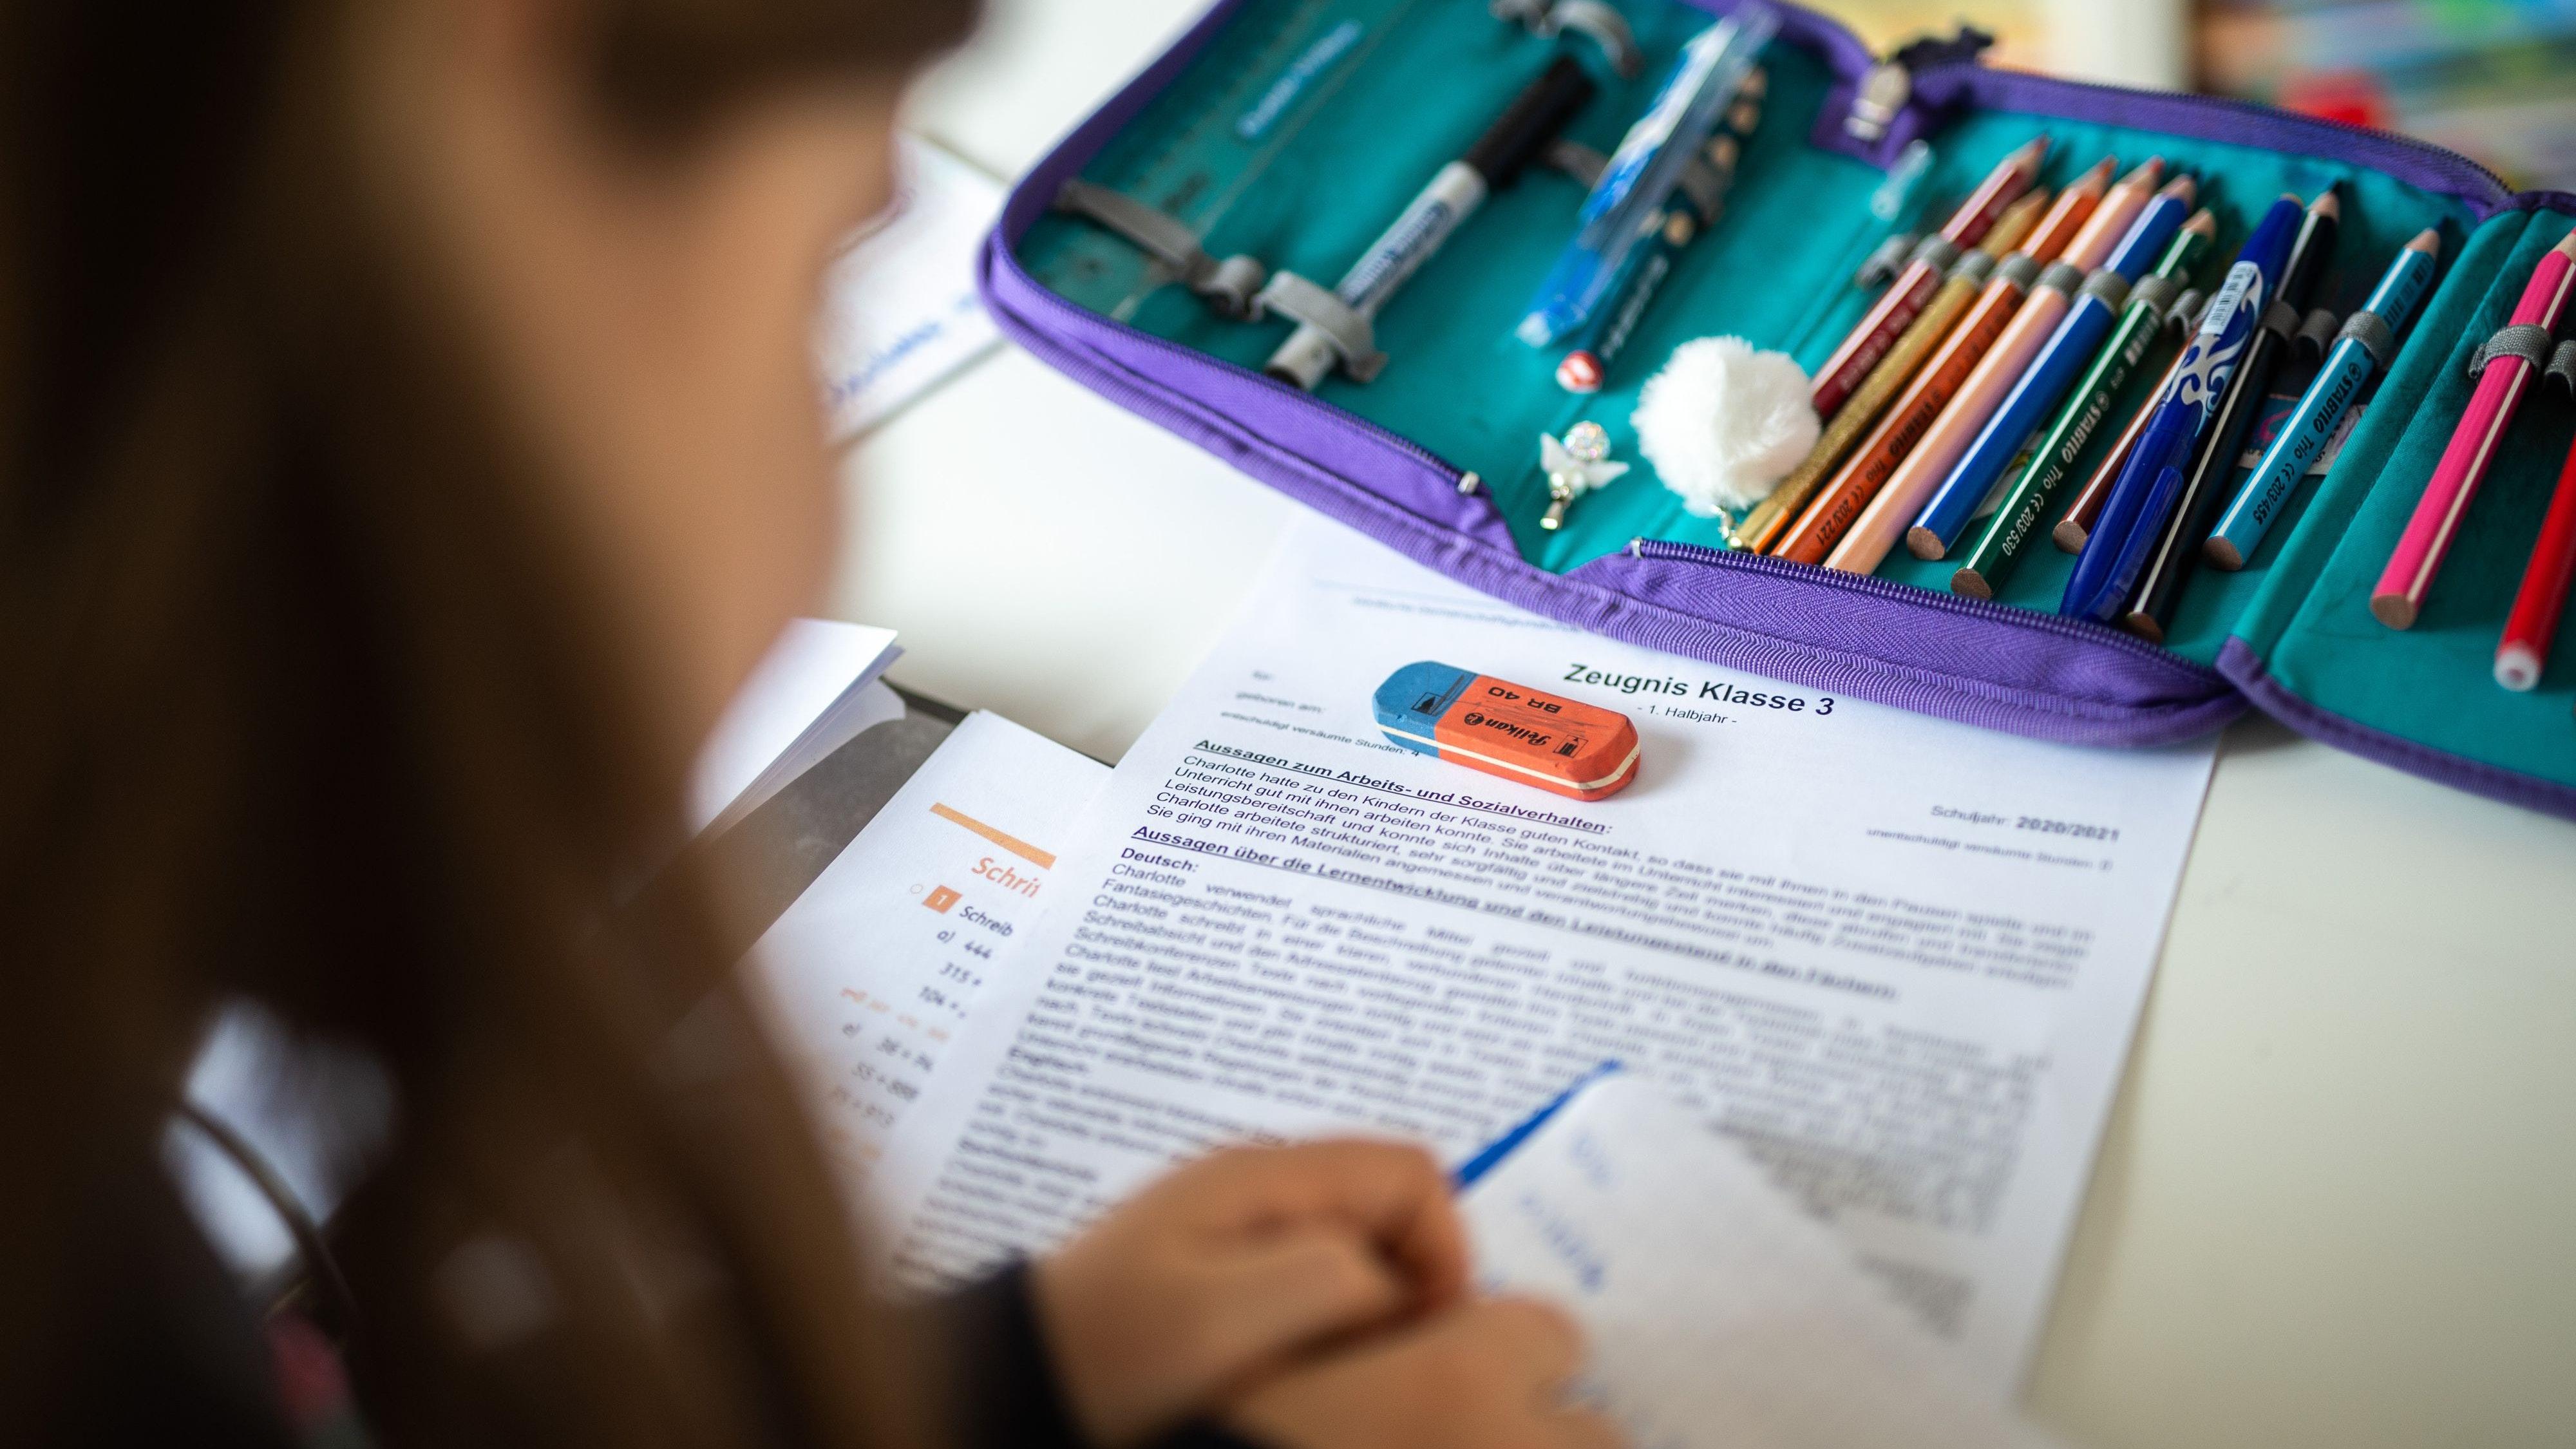 Schule statt Sommerferien: Die Stadt Lohne hat gemeinsam mit dem Ludgerus-Werk einen Plan entwickelt, wie Grundschüler die Lerndefizite aus etwa 1,5 Jahren Corona-Pandemie aufholen sollen. Foto: dpa